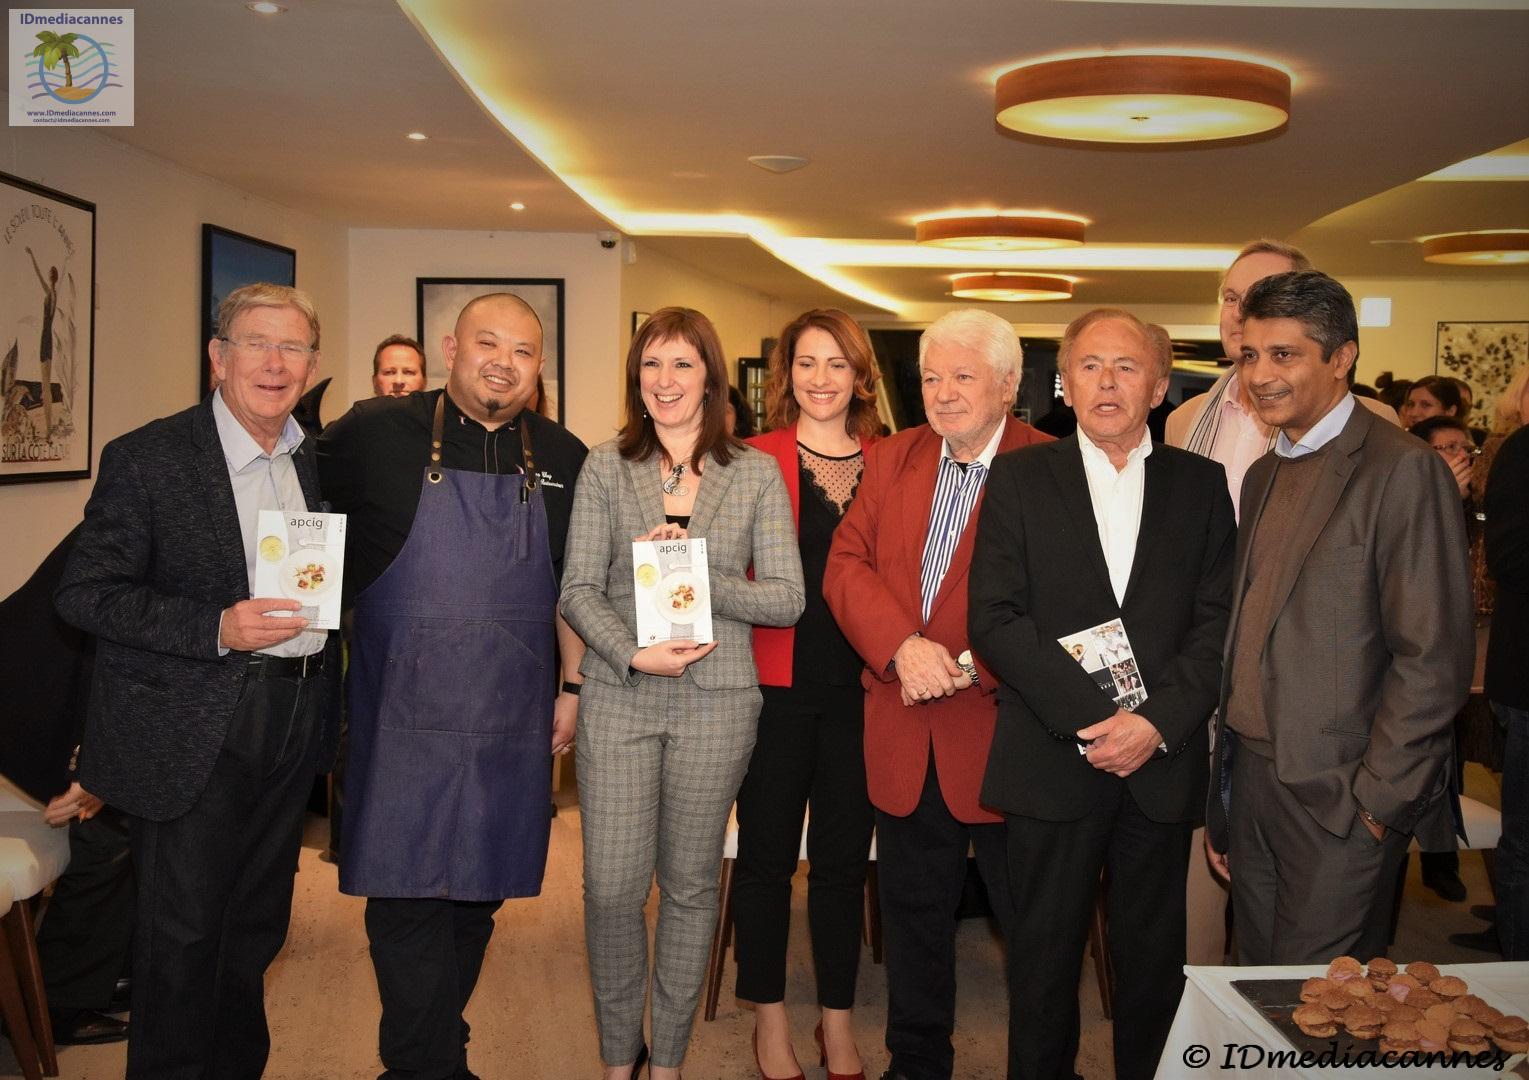 Sortie de l annuaire 2018 de l apcig idmediacannes for Restaurant le jardin st paul